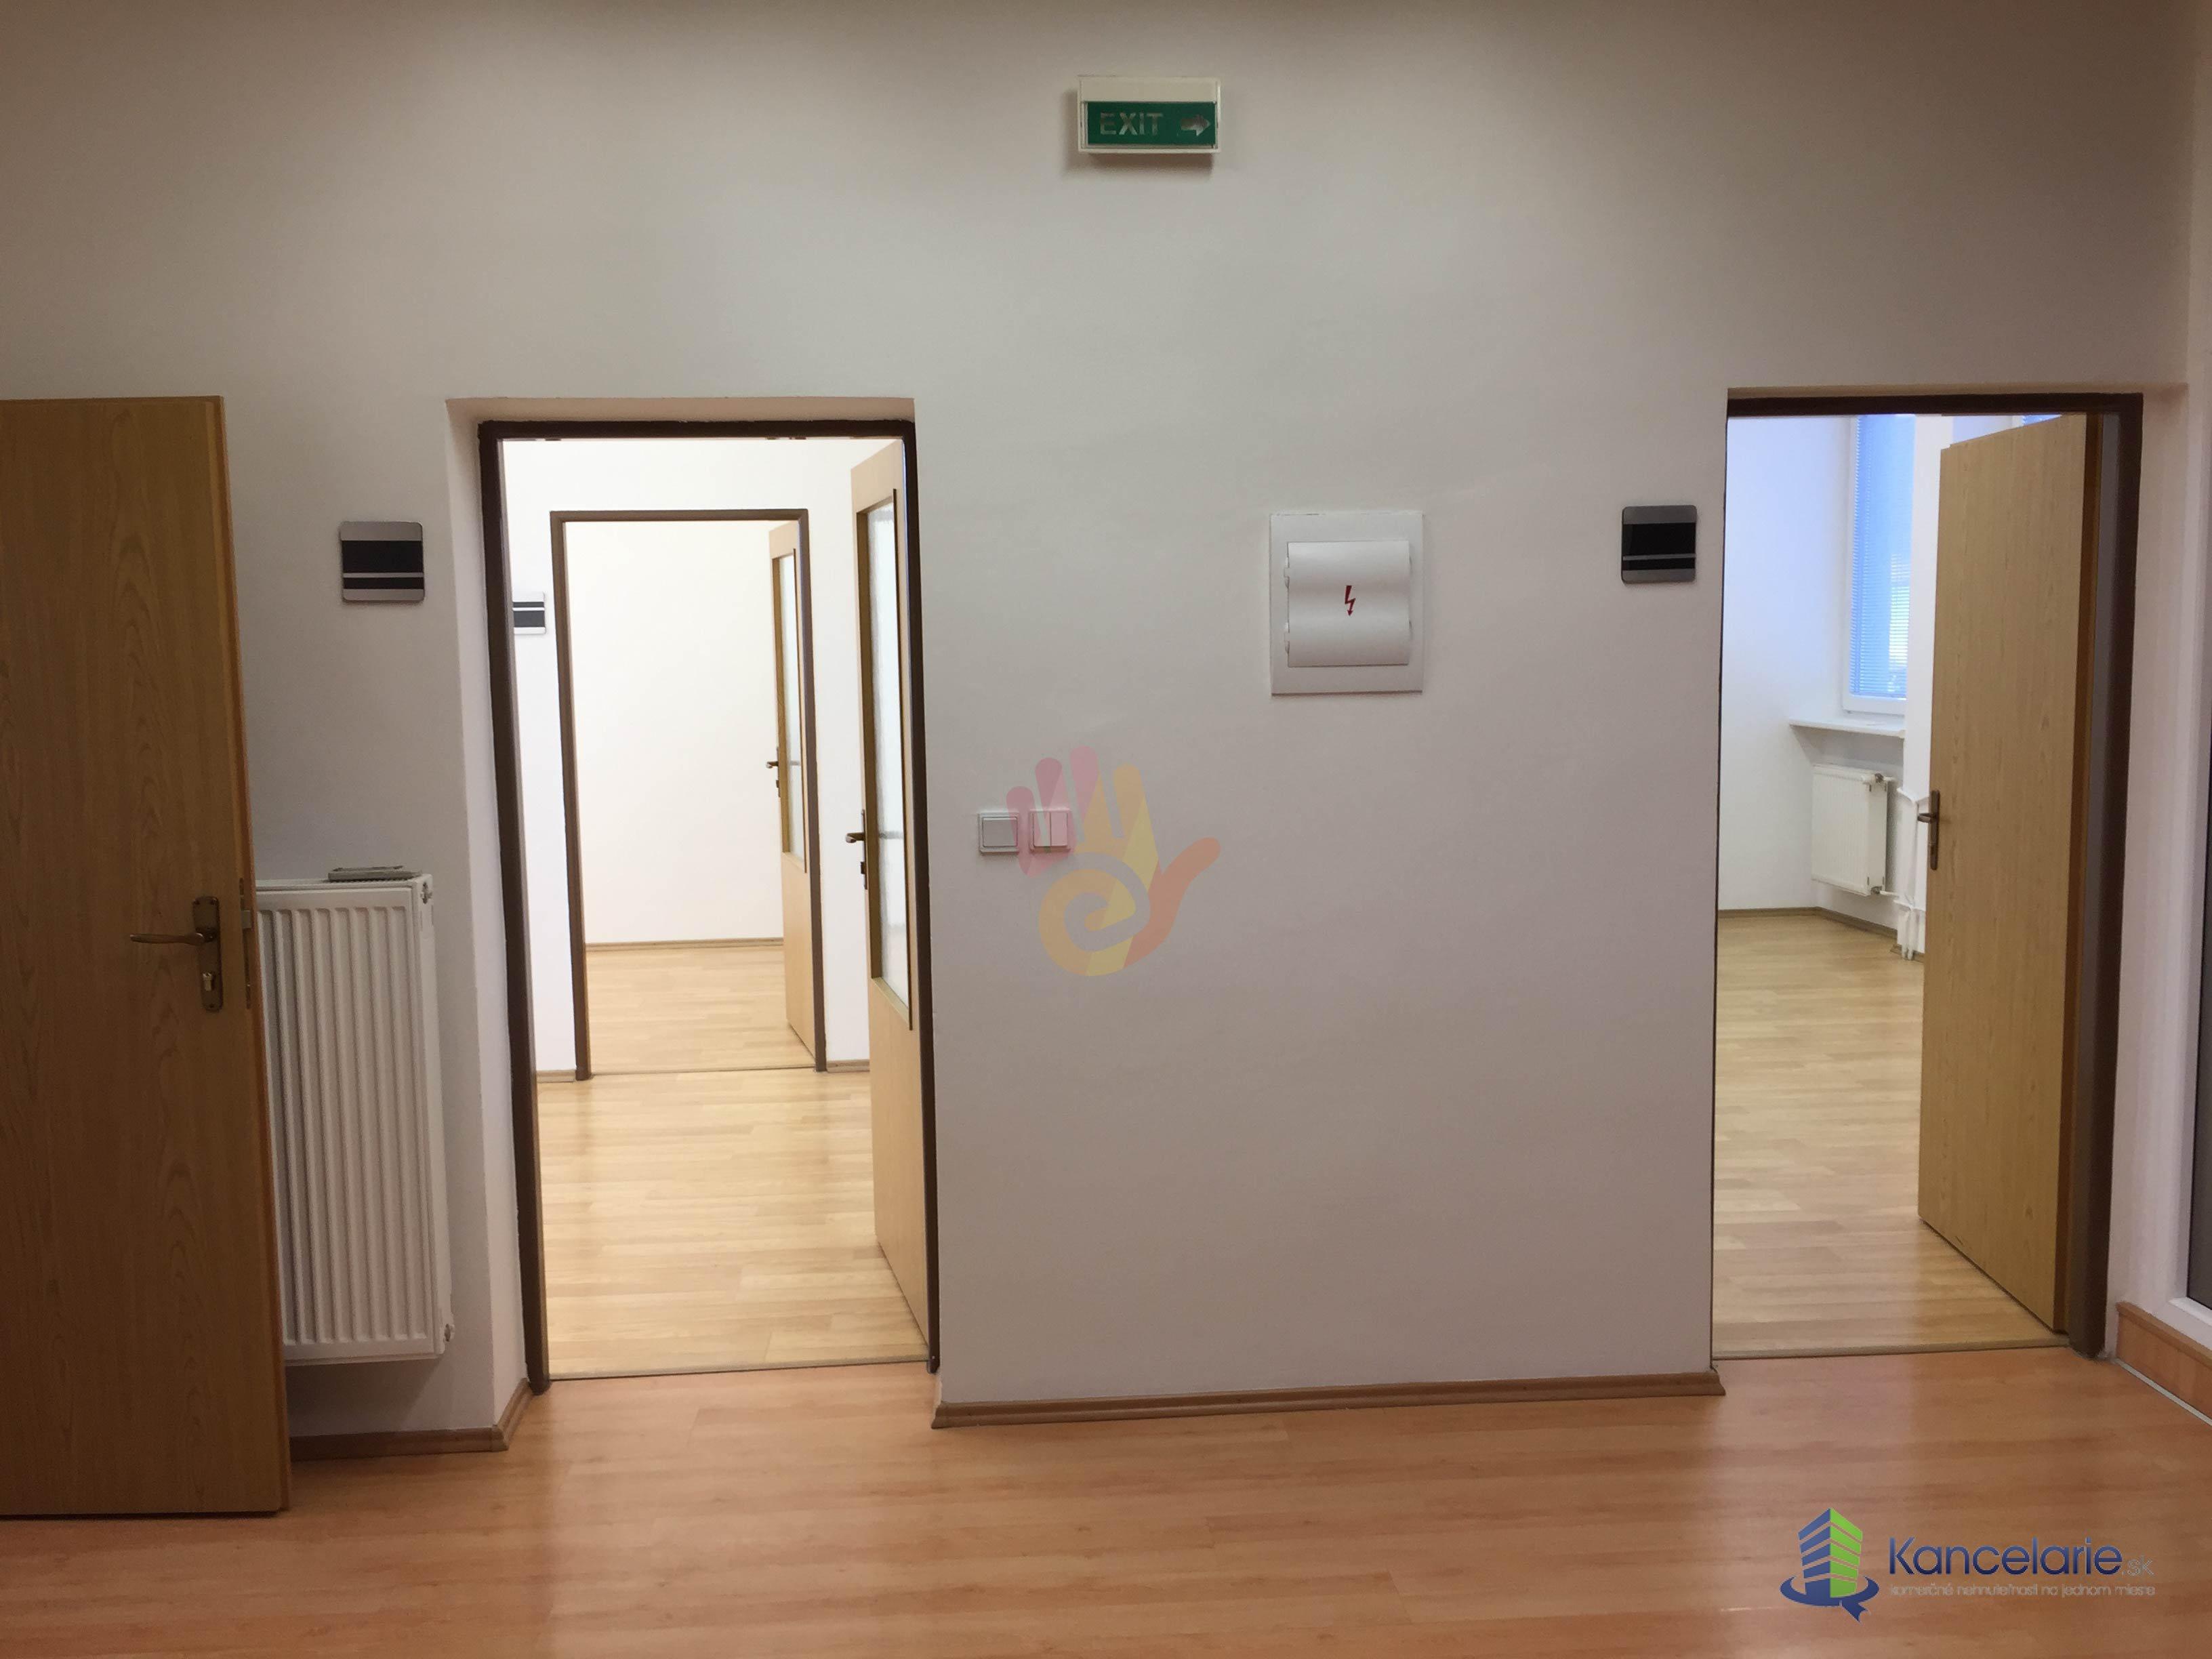 Kancelárie a admin. priestory, Samostatný súbor 4 kancelárií + kuchynka, Piešťanská 92, Nové Mesto nad Váhom